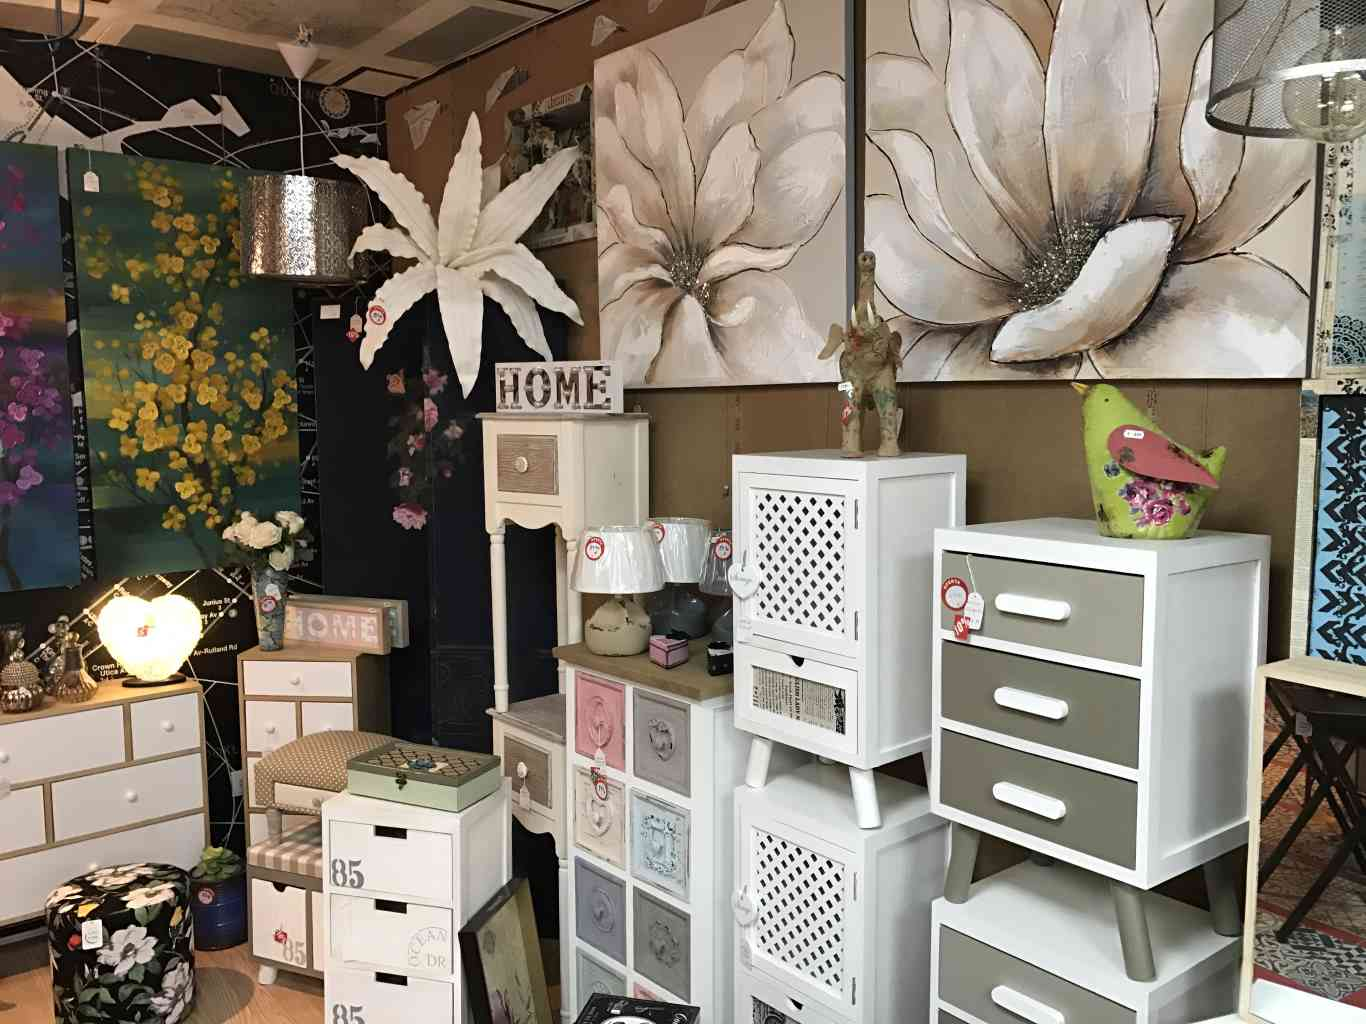 Decoracion vintage tienda affordable tienda decoracion - Decoracion marinera barata ...